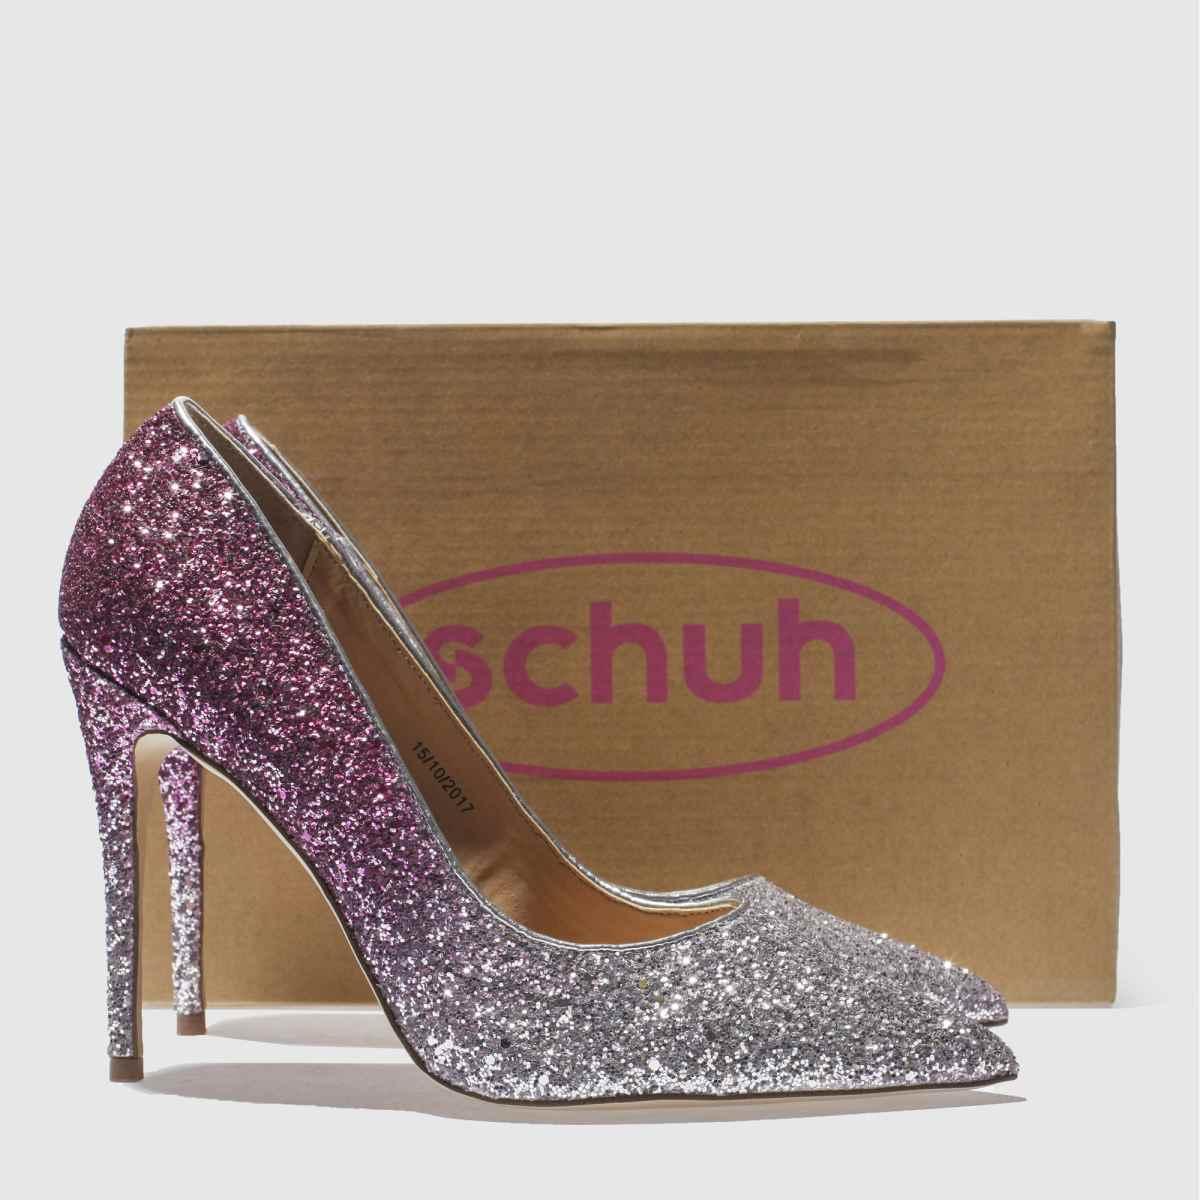 Damen Damen Damen Pink schuh Flirty High Heels | schuh Gute Qualität beliebte Schuhe 3f7fe7